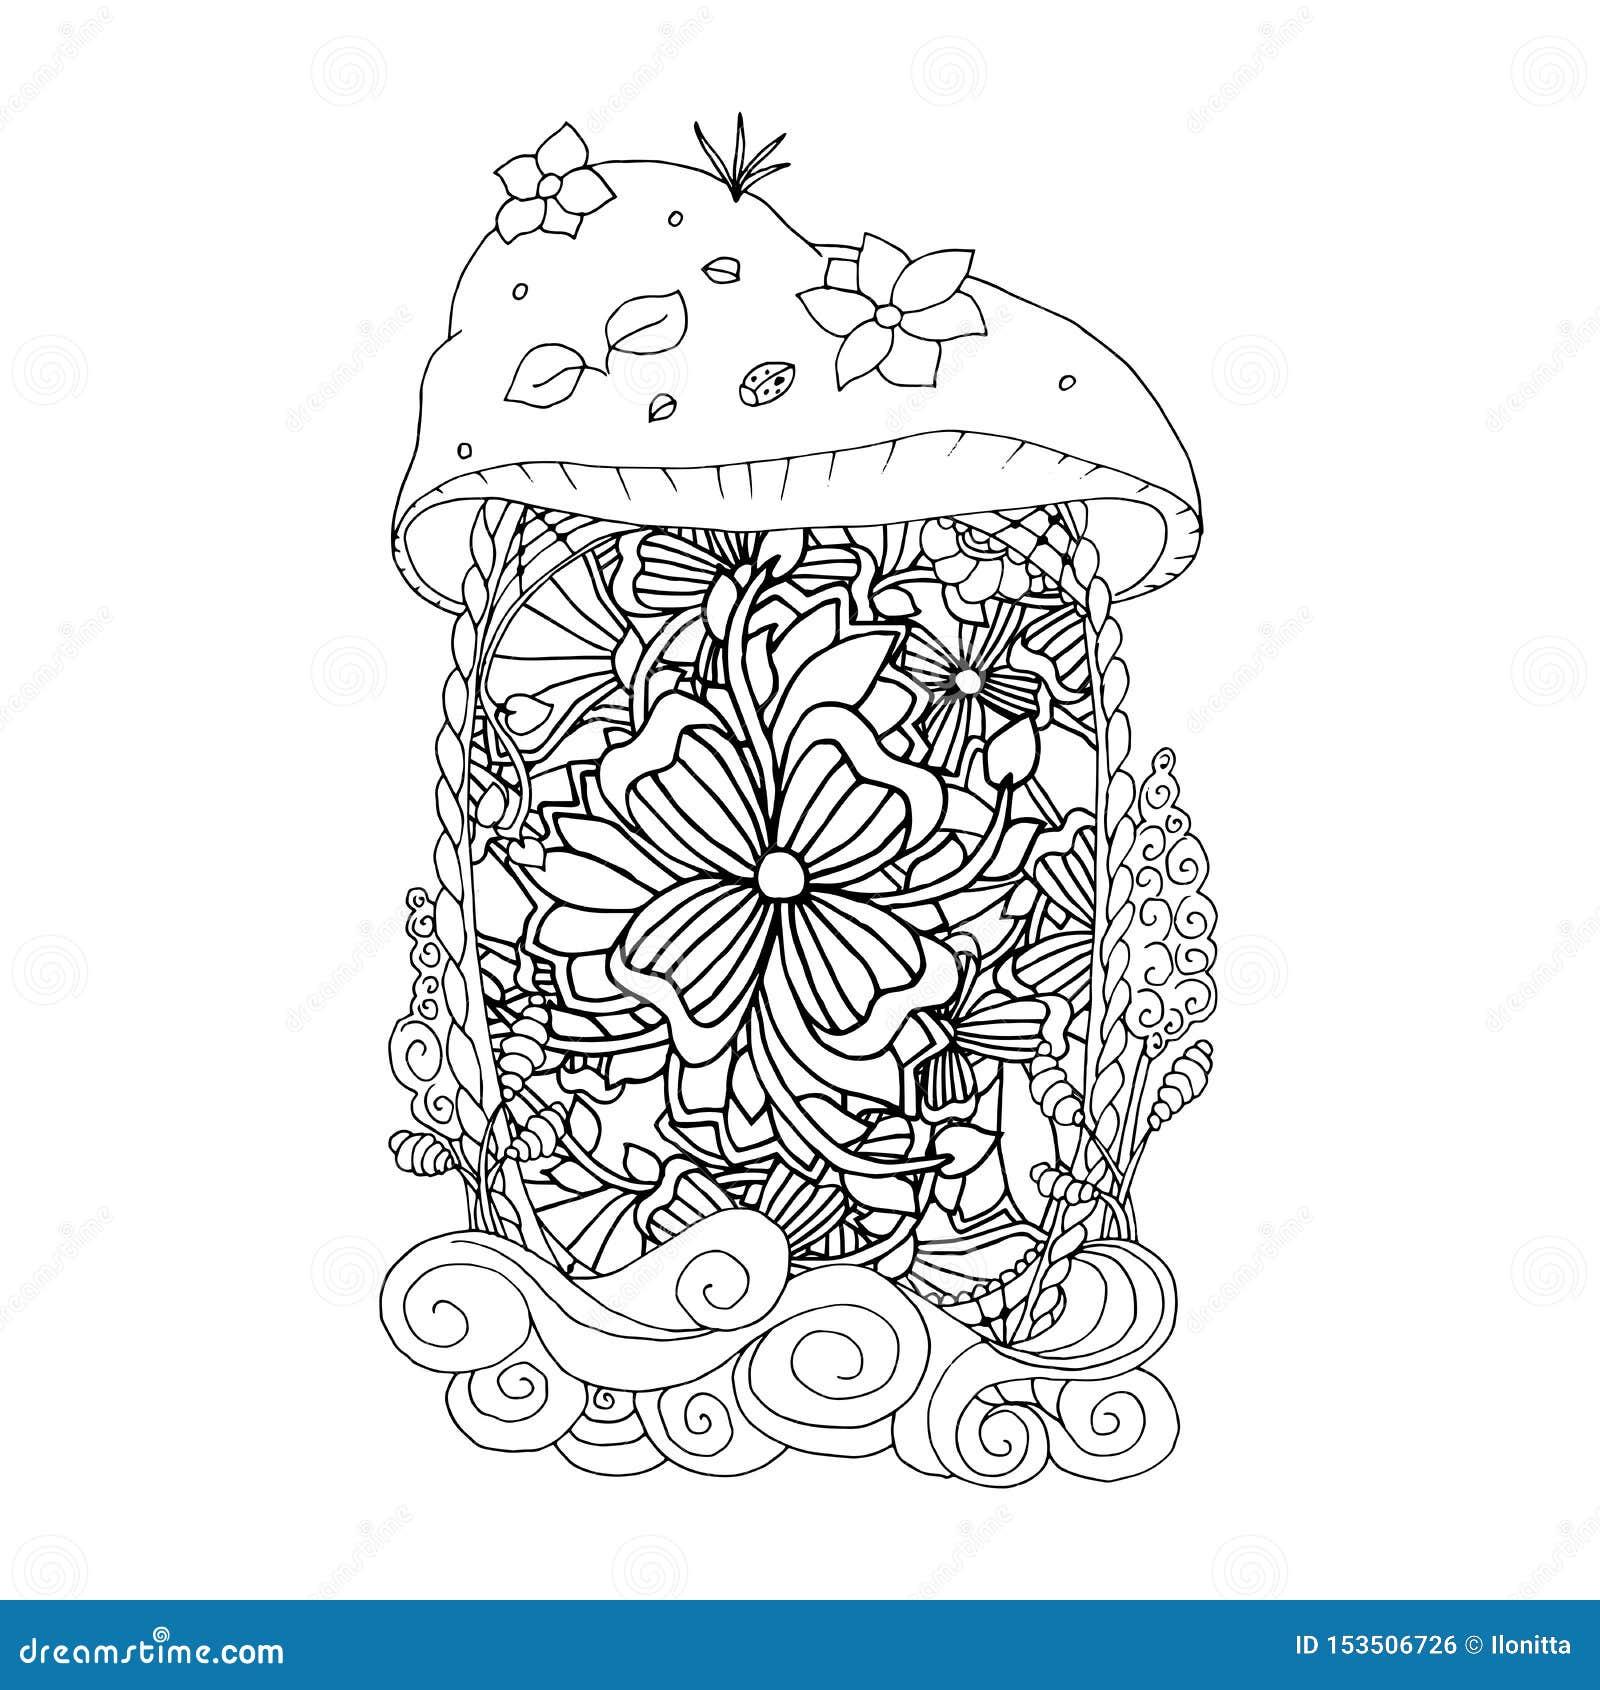 erwachsene malbuchseite monofarbschwarztintenillustration